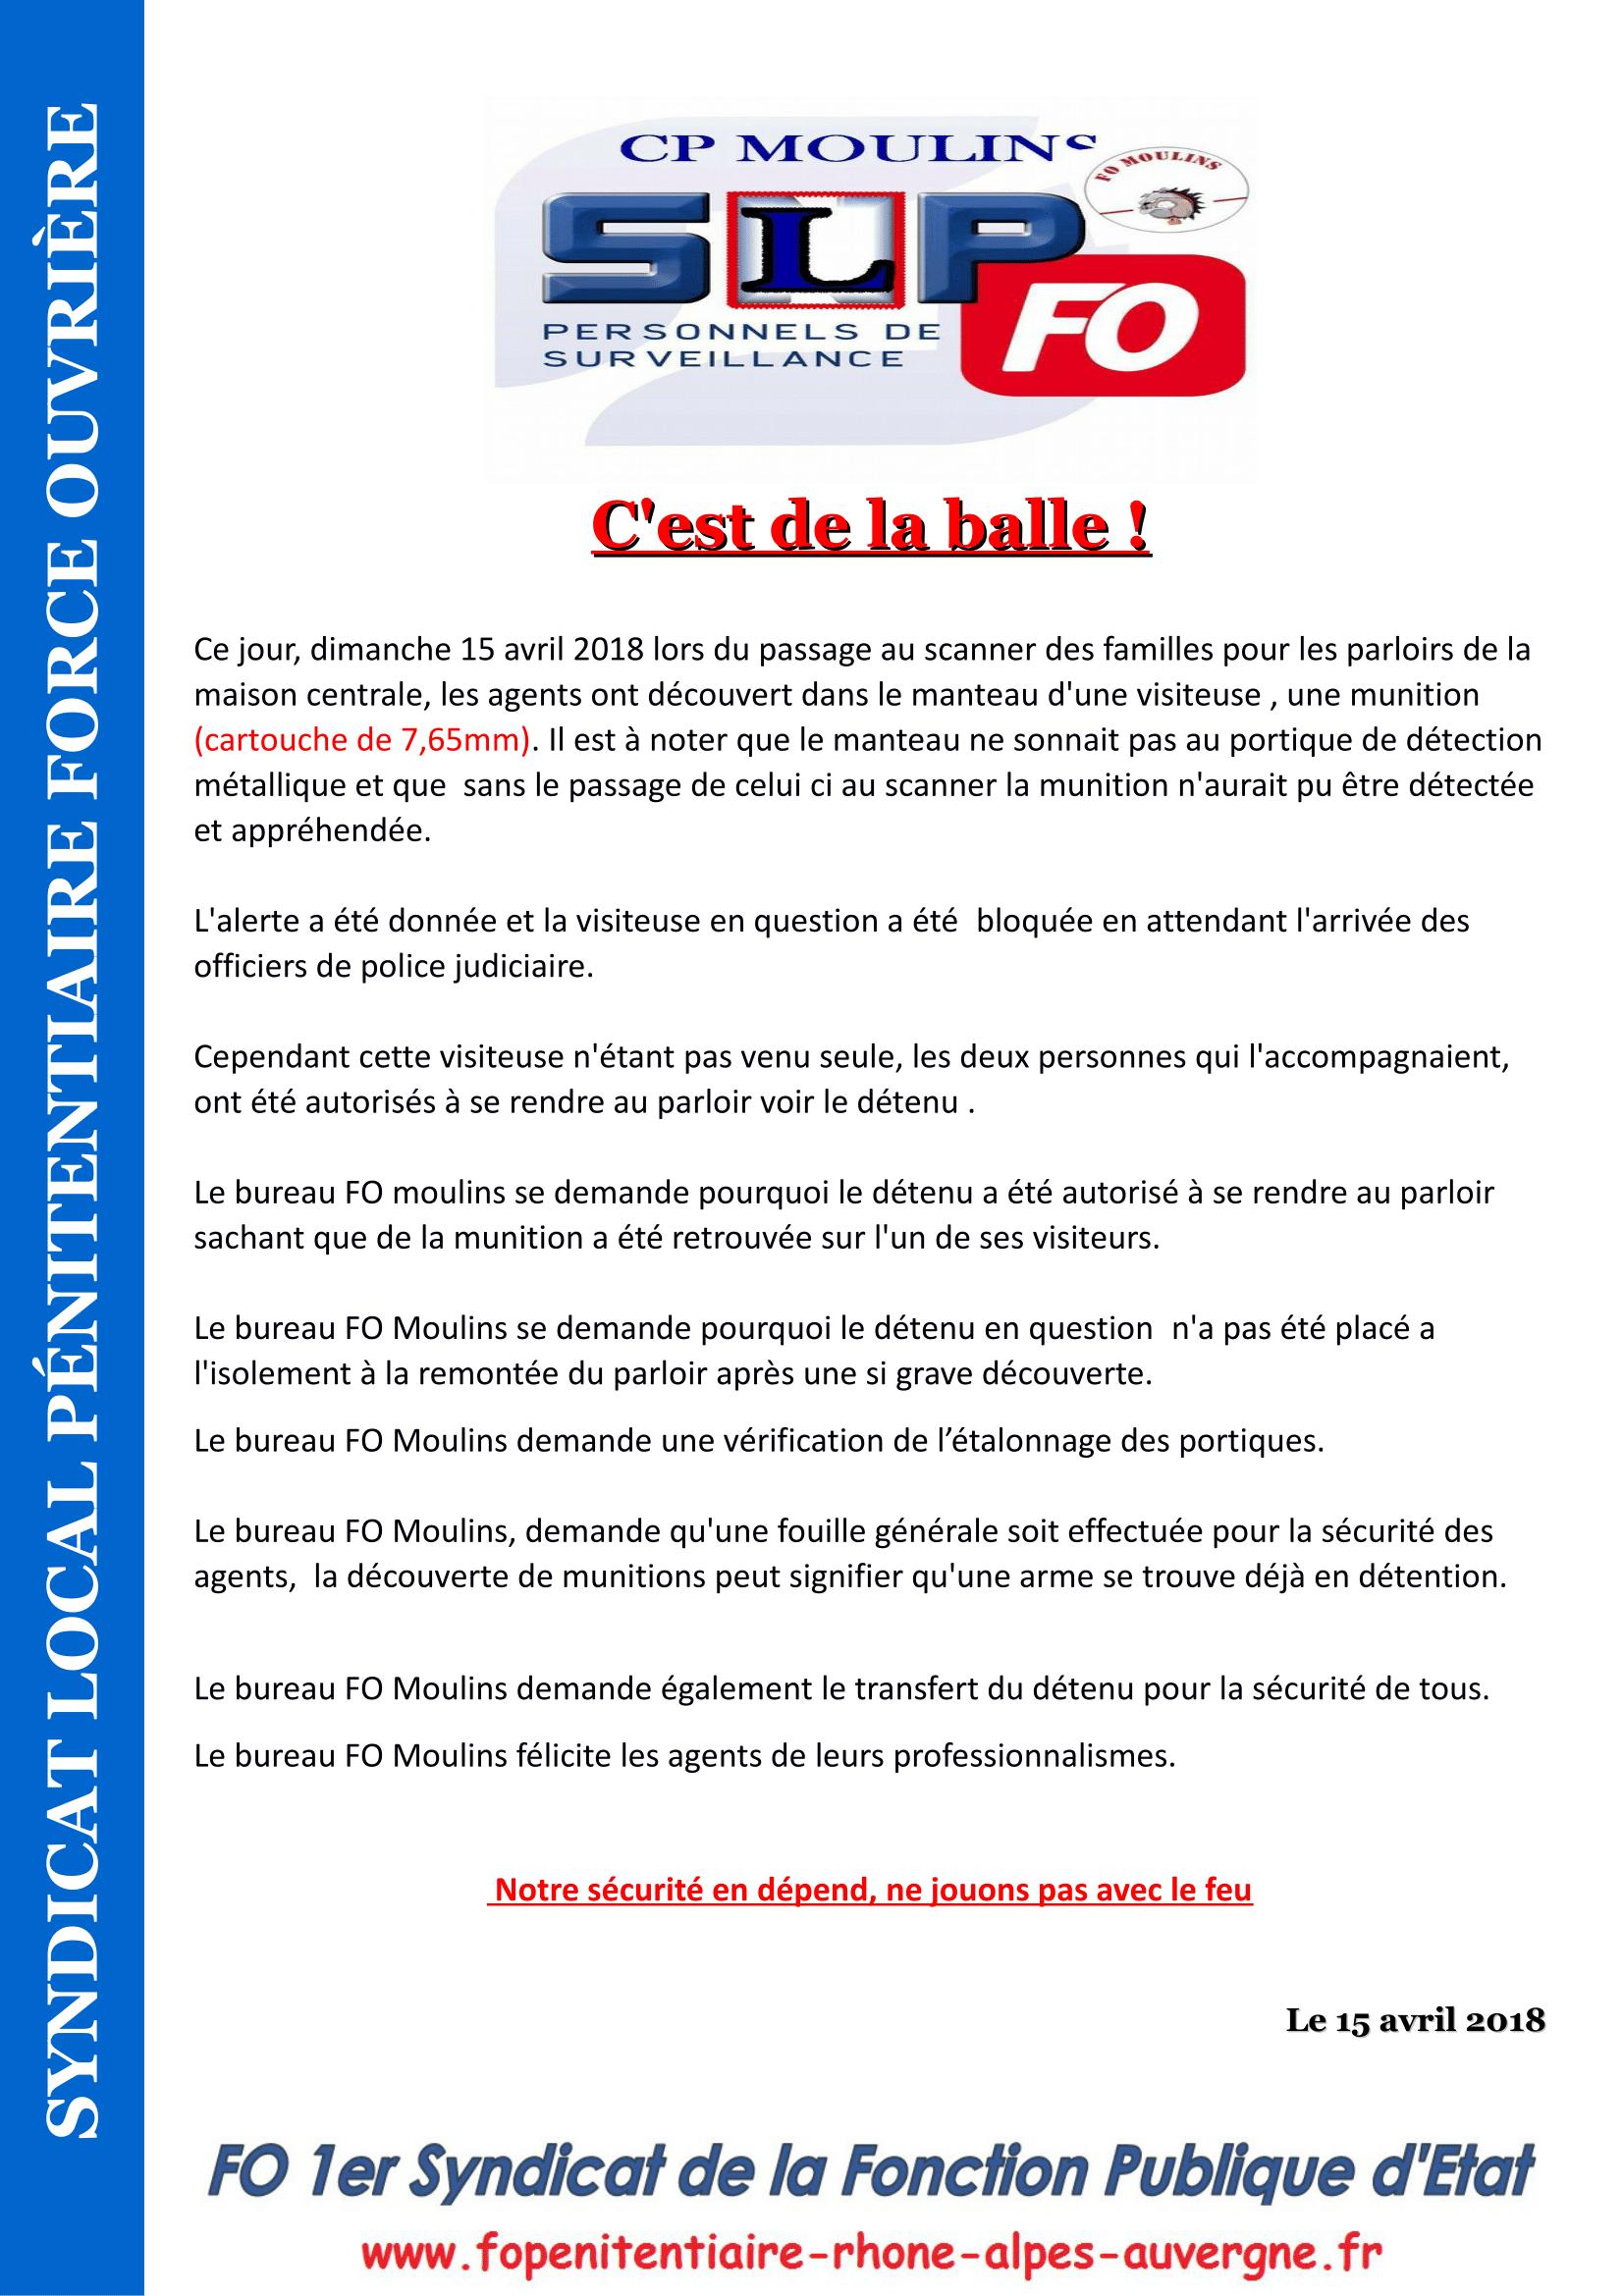 balle-1